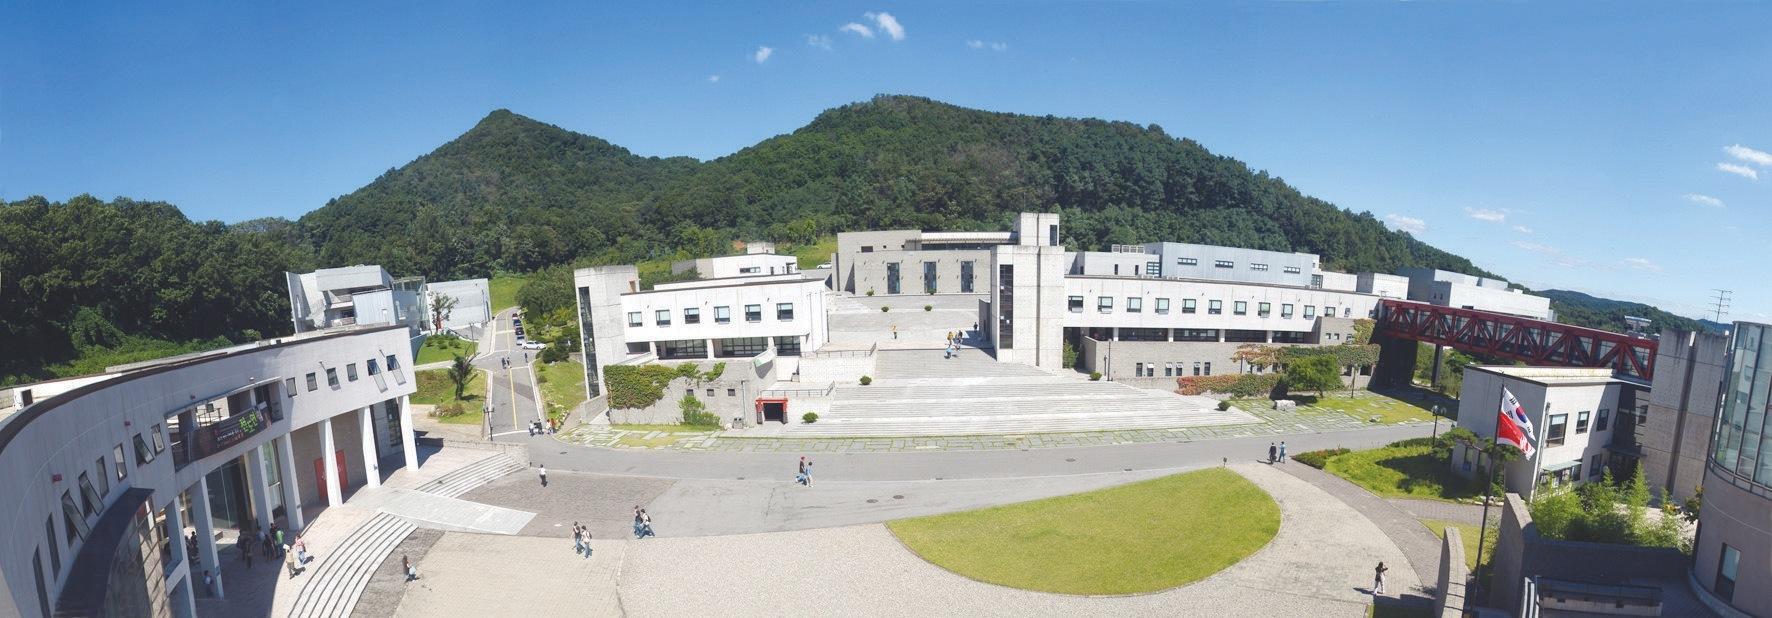 Seoul Institute of the Arts